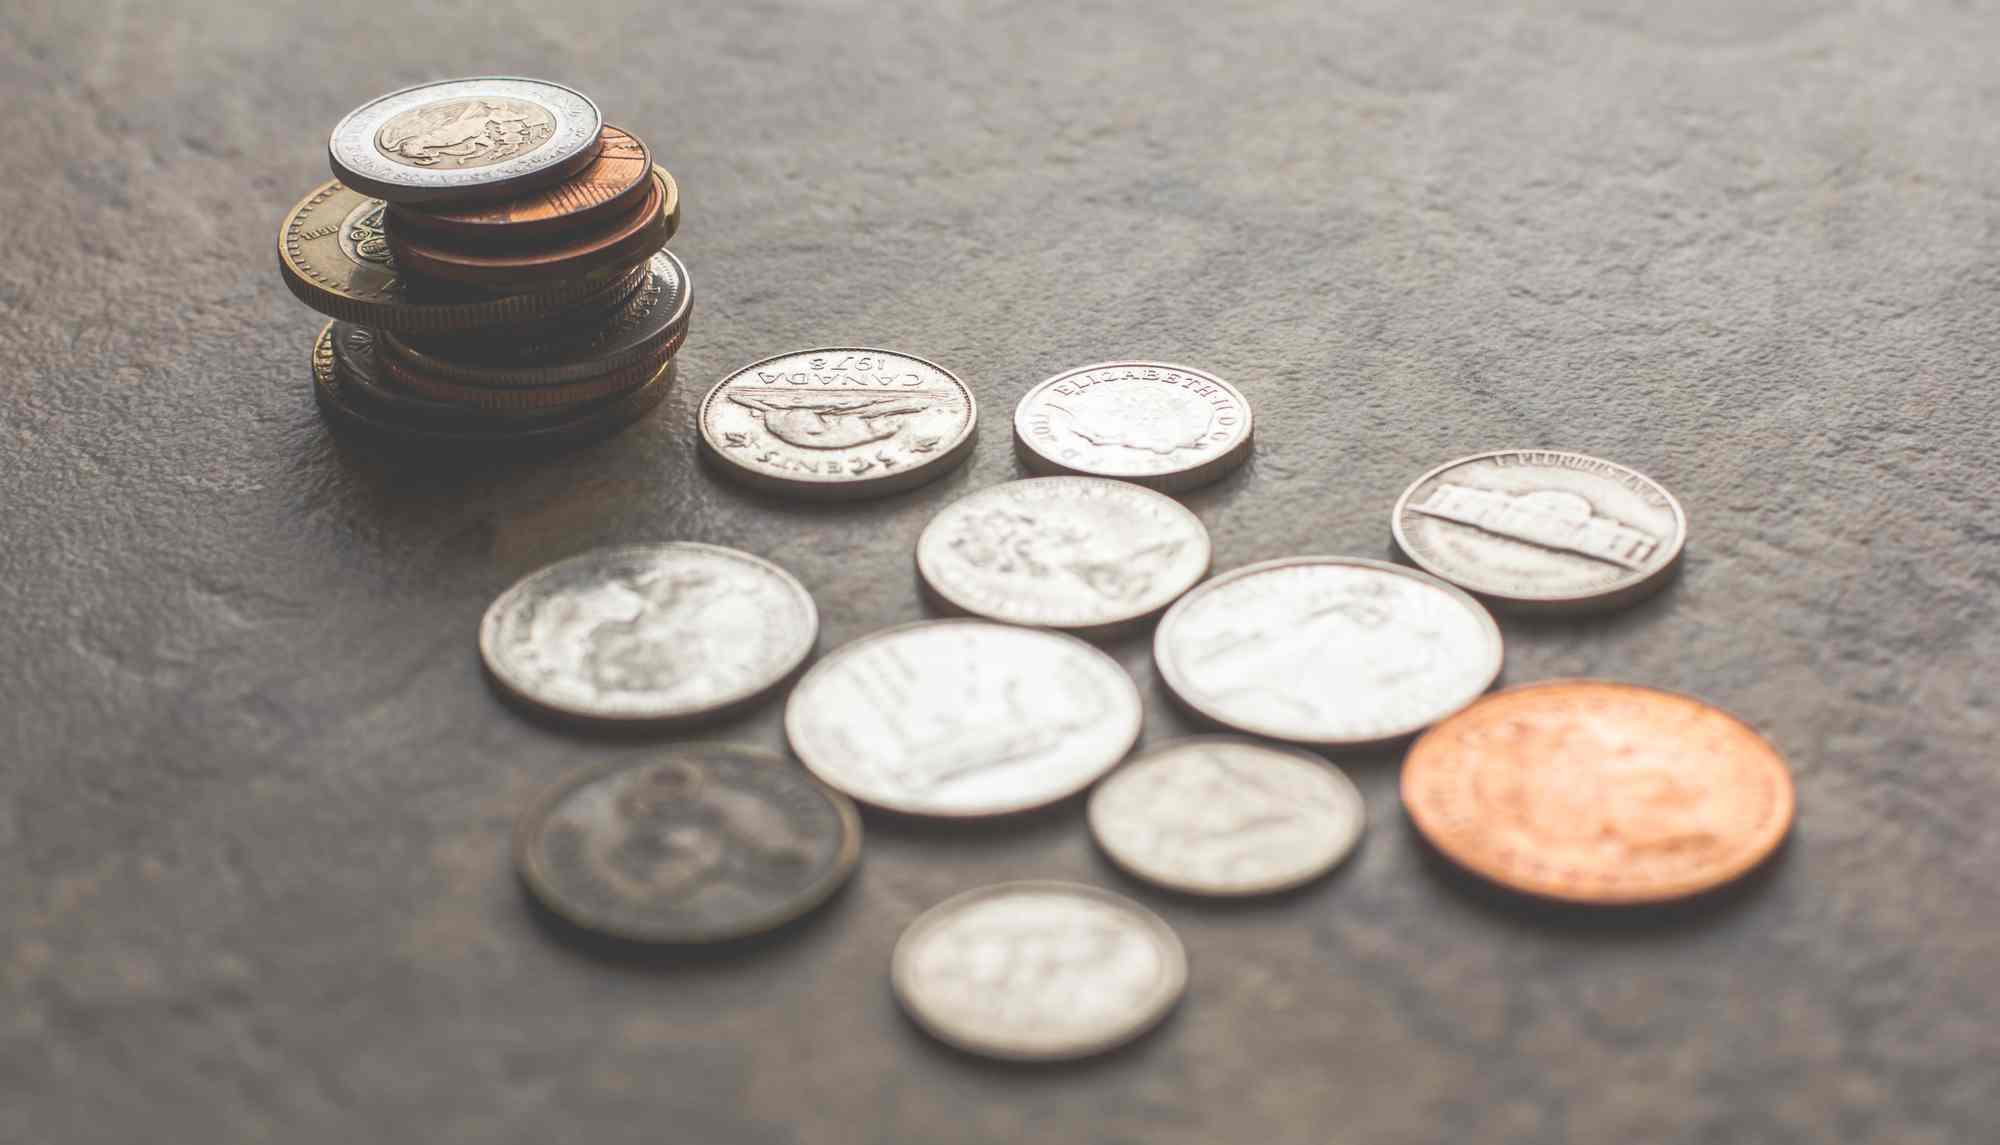 Srebrne i złote monety